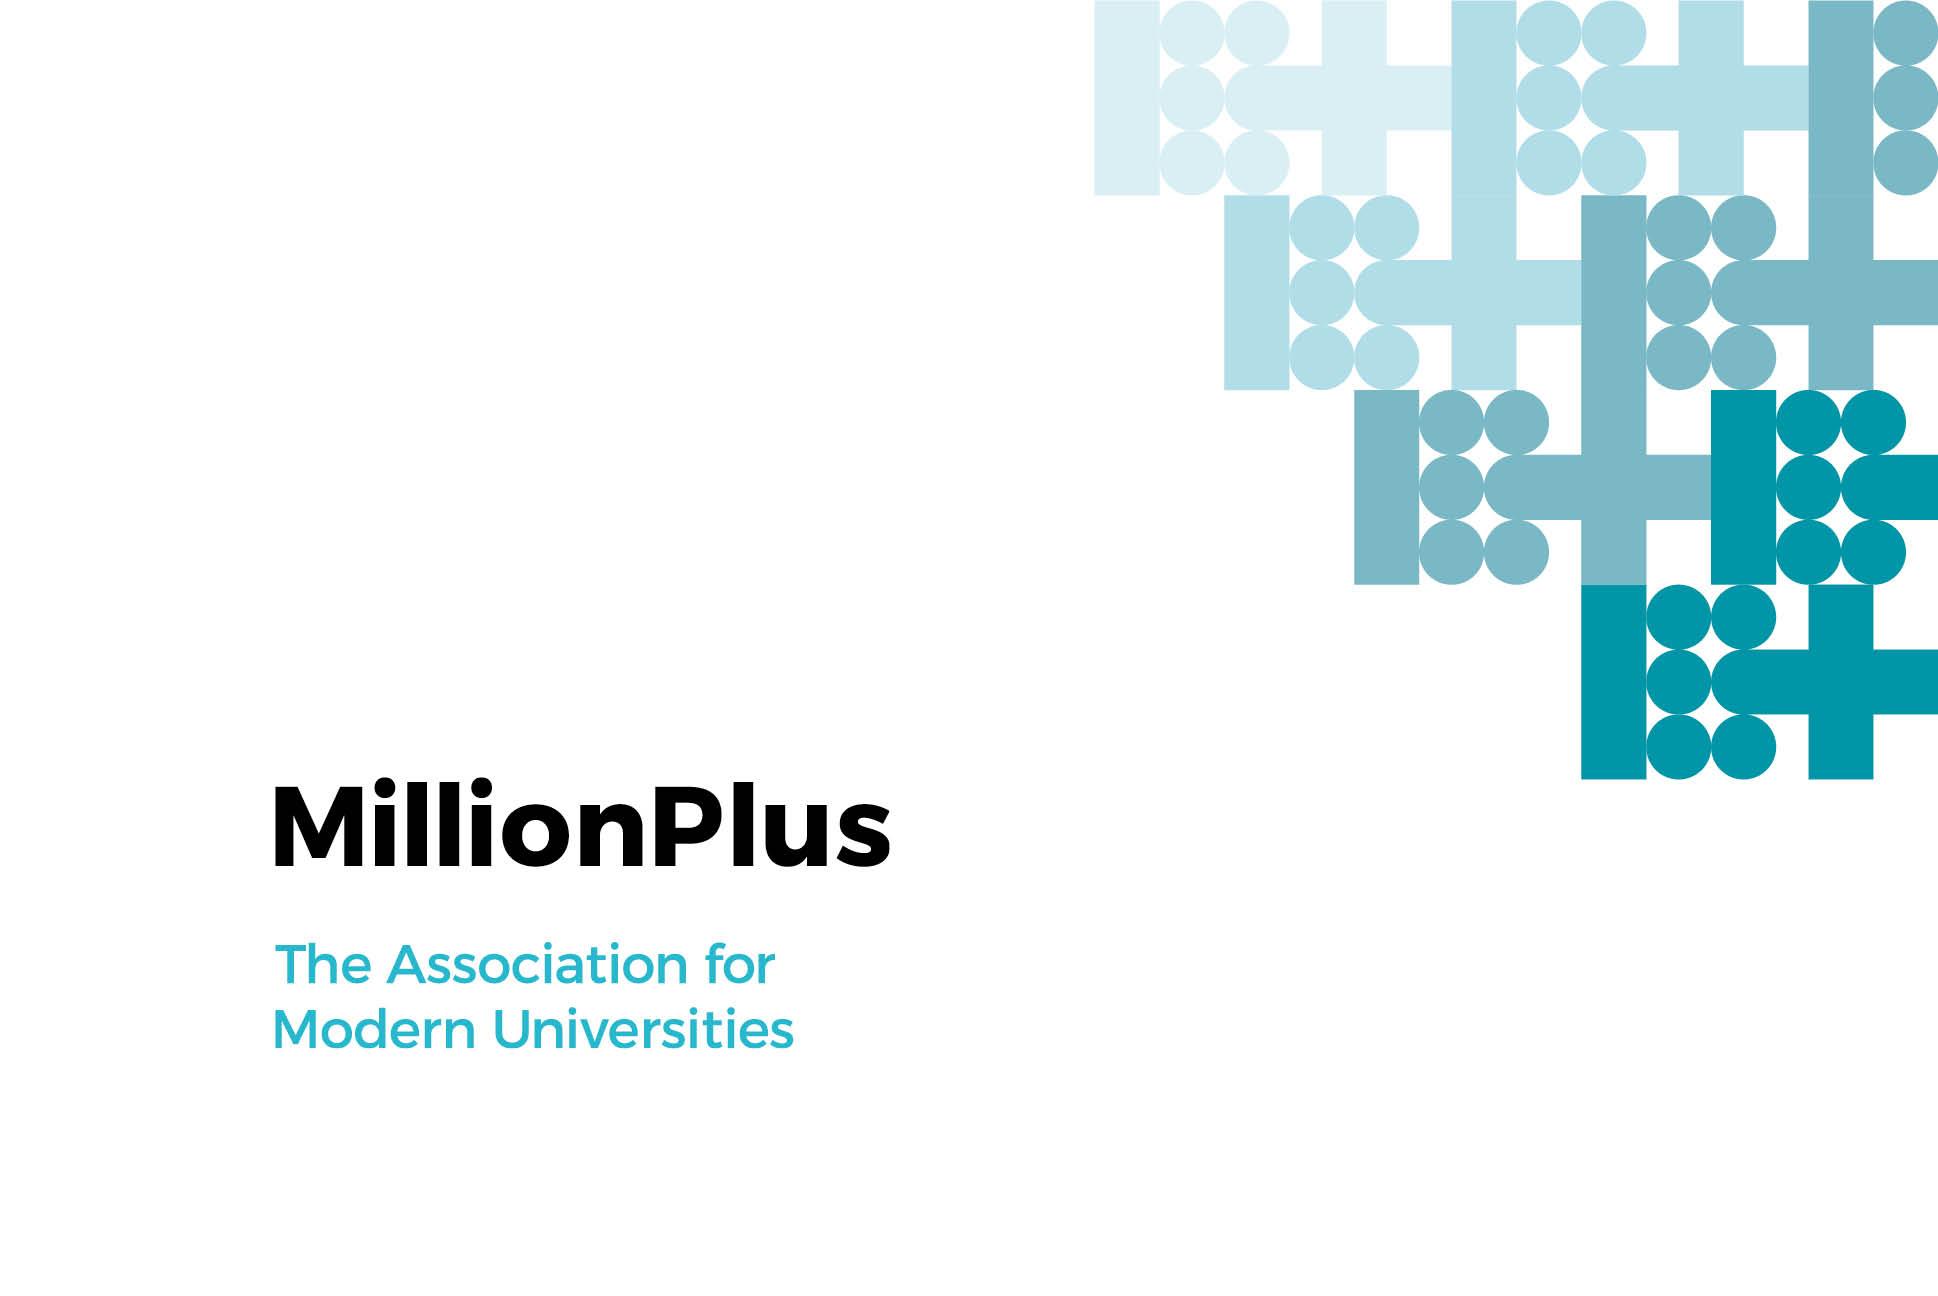 MillionPlus branding